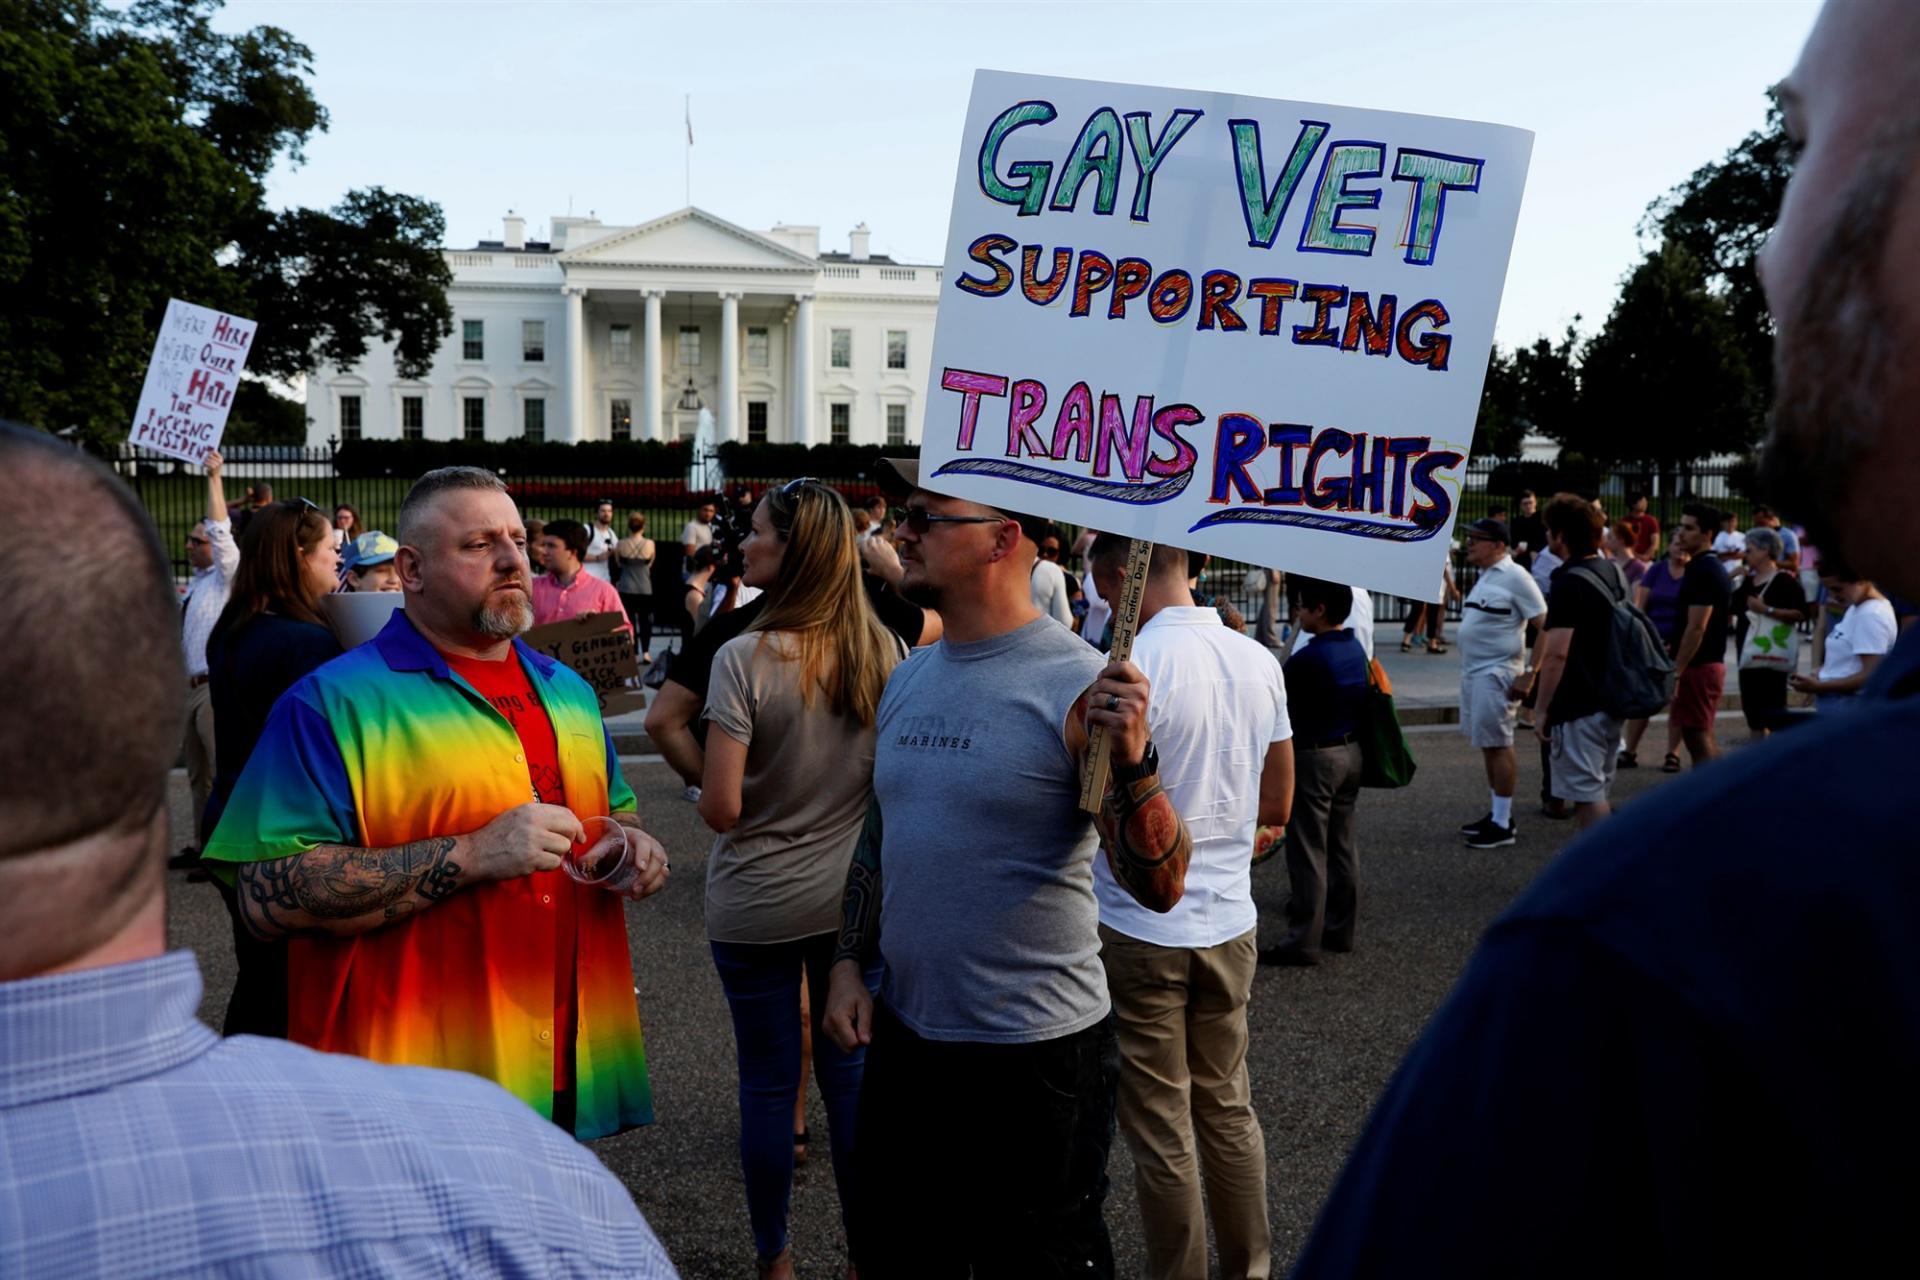 4702 190411 transgender military ban protest al 1124 b2bd655352a105d41d9d5438c8a18606fit 2000w